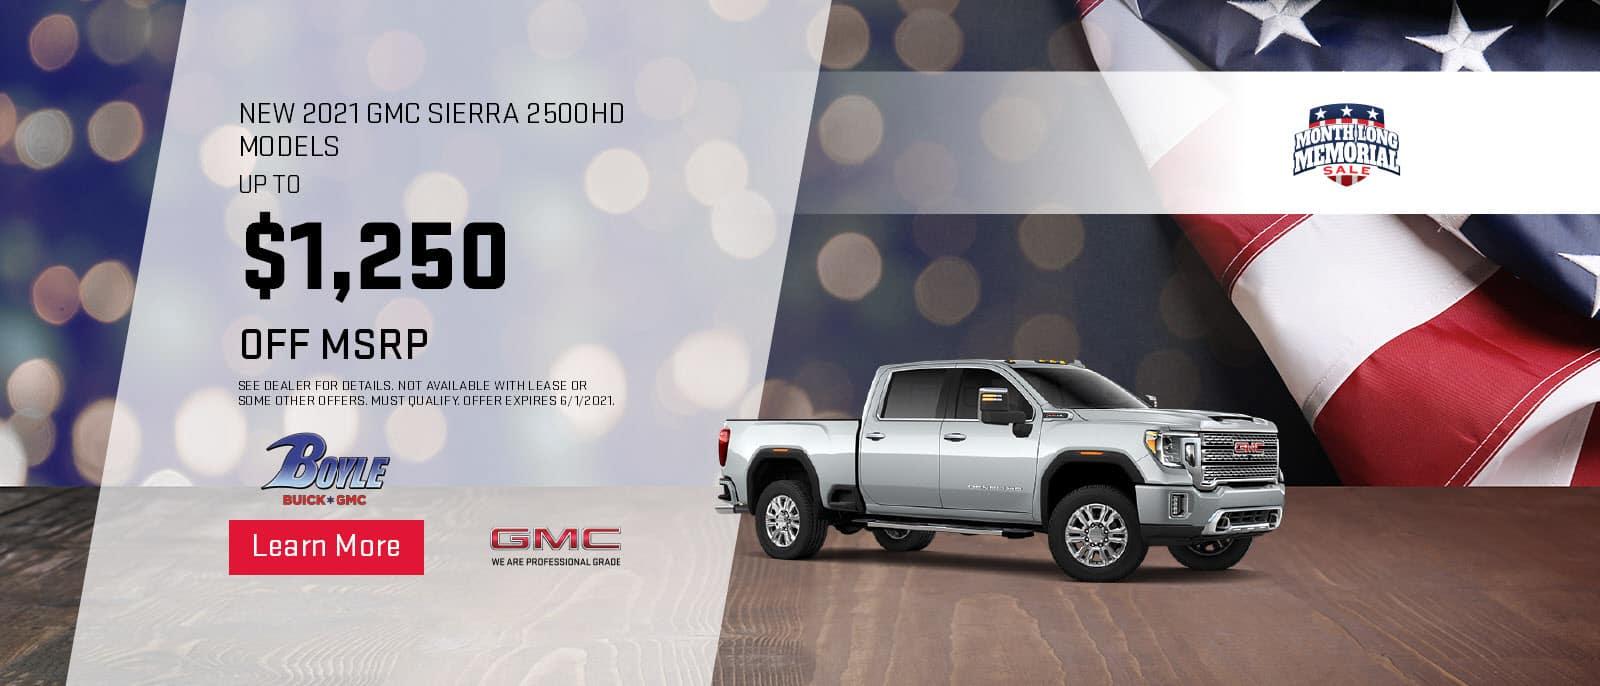 2021 gmc sierra 2500hd